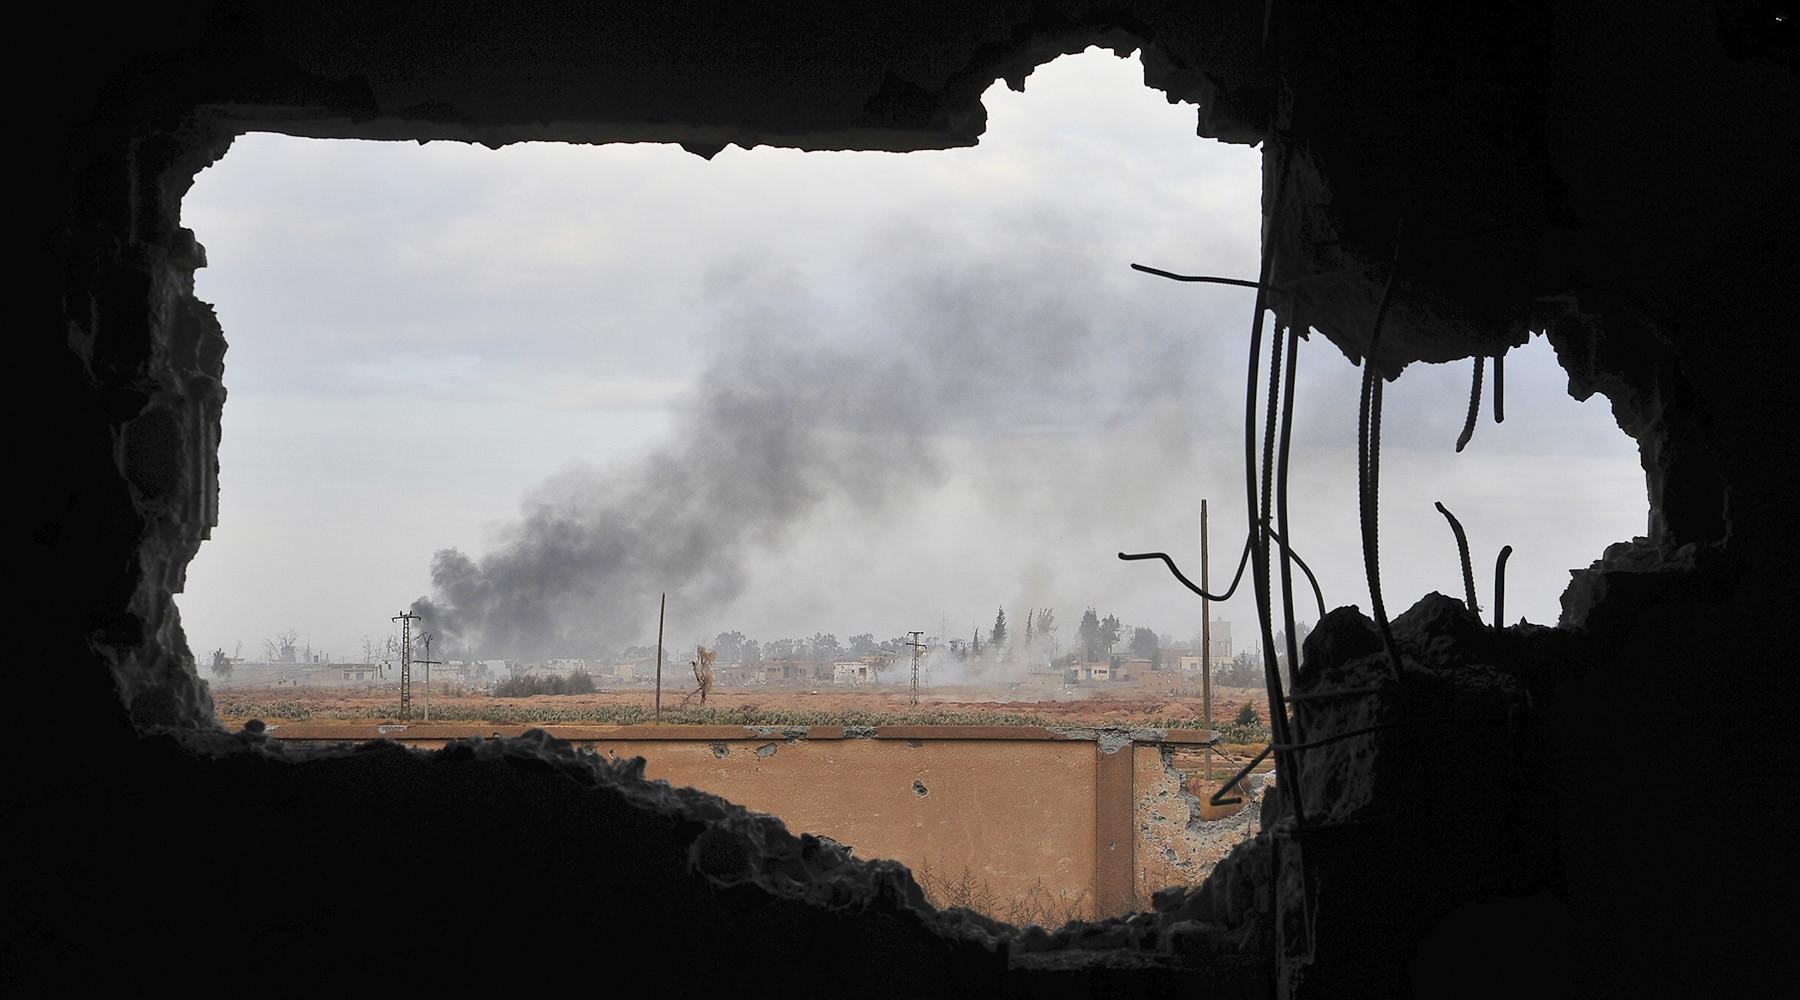 Обезглавили ИГ: в Минобороны сообщили об уничтожении ряда лидеров группировки в Ракке